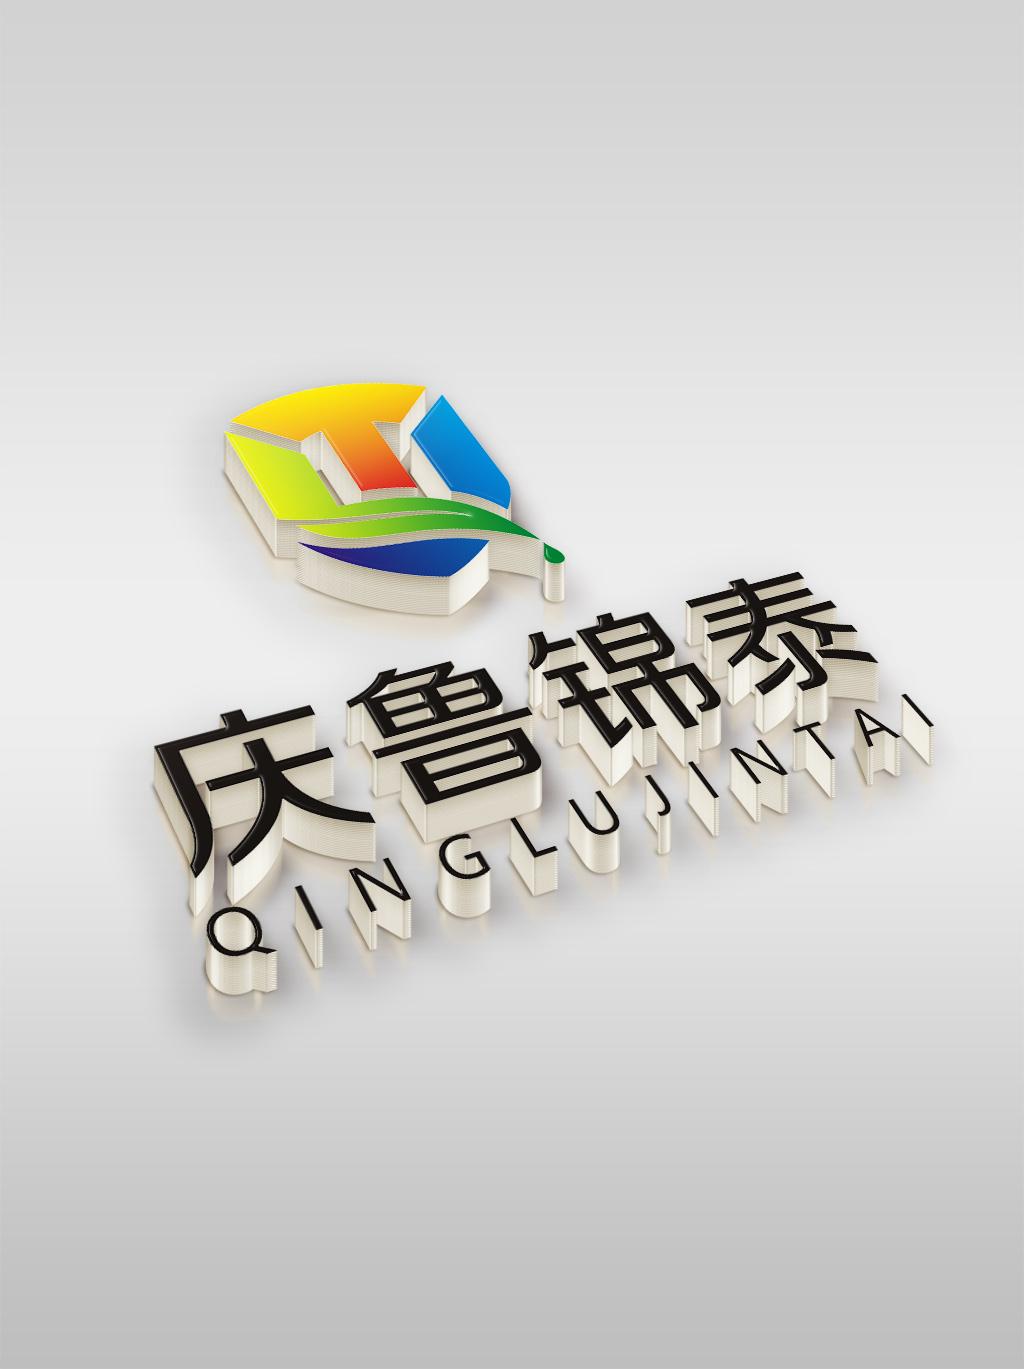 防腐科技公司LOGO设计_3032766_k68威客网